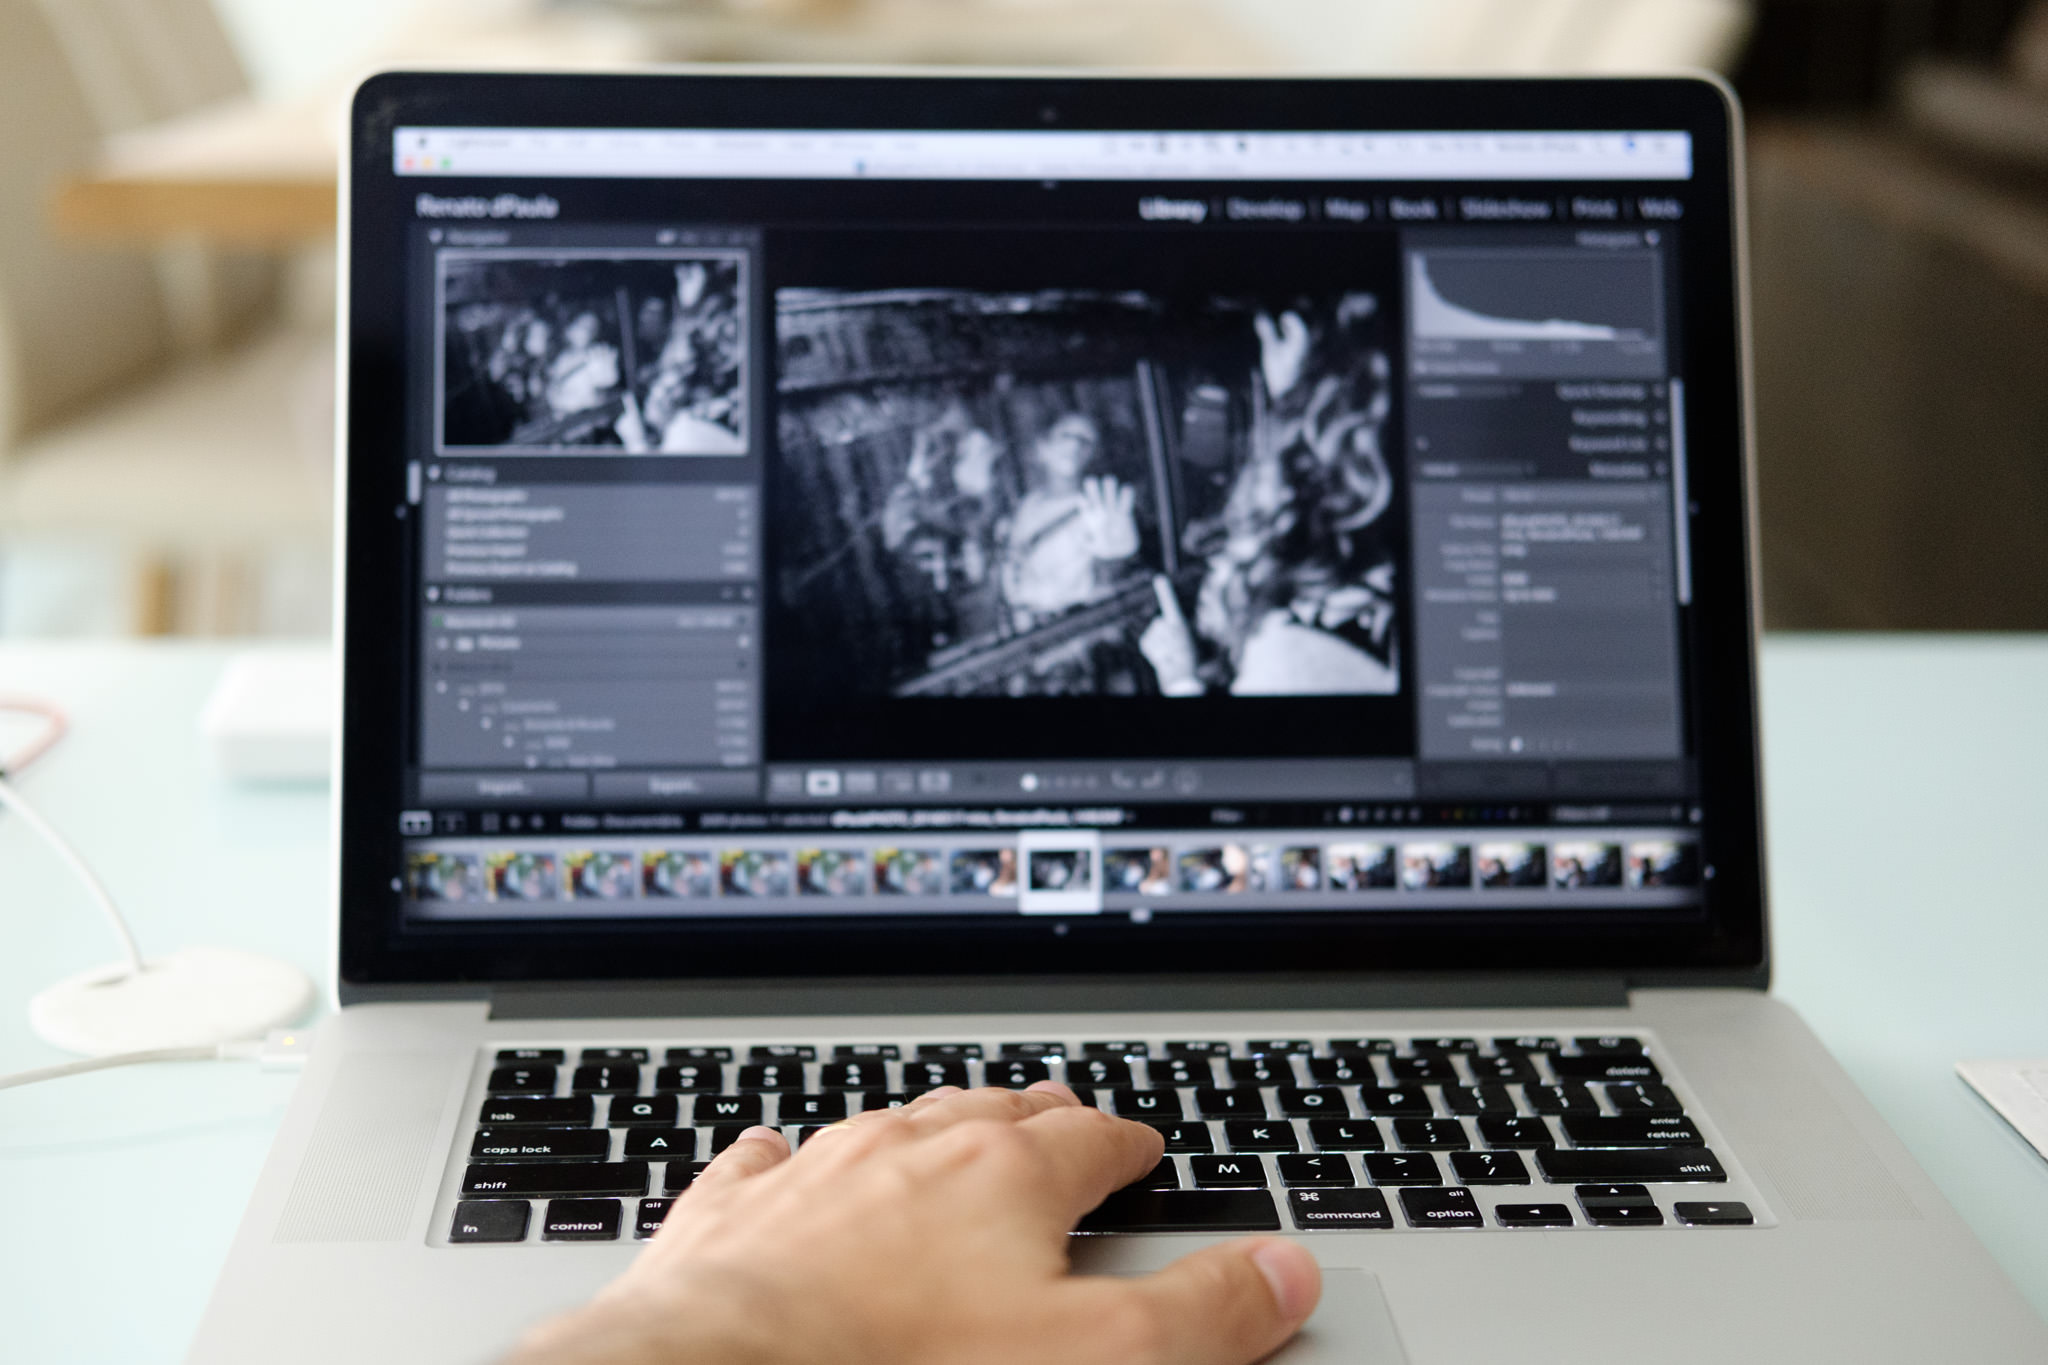 tratando fotos usando o teclado